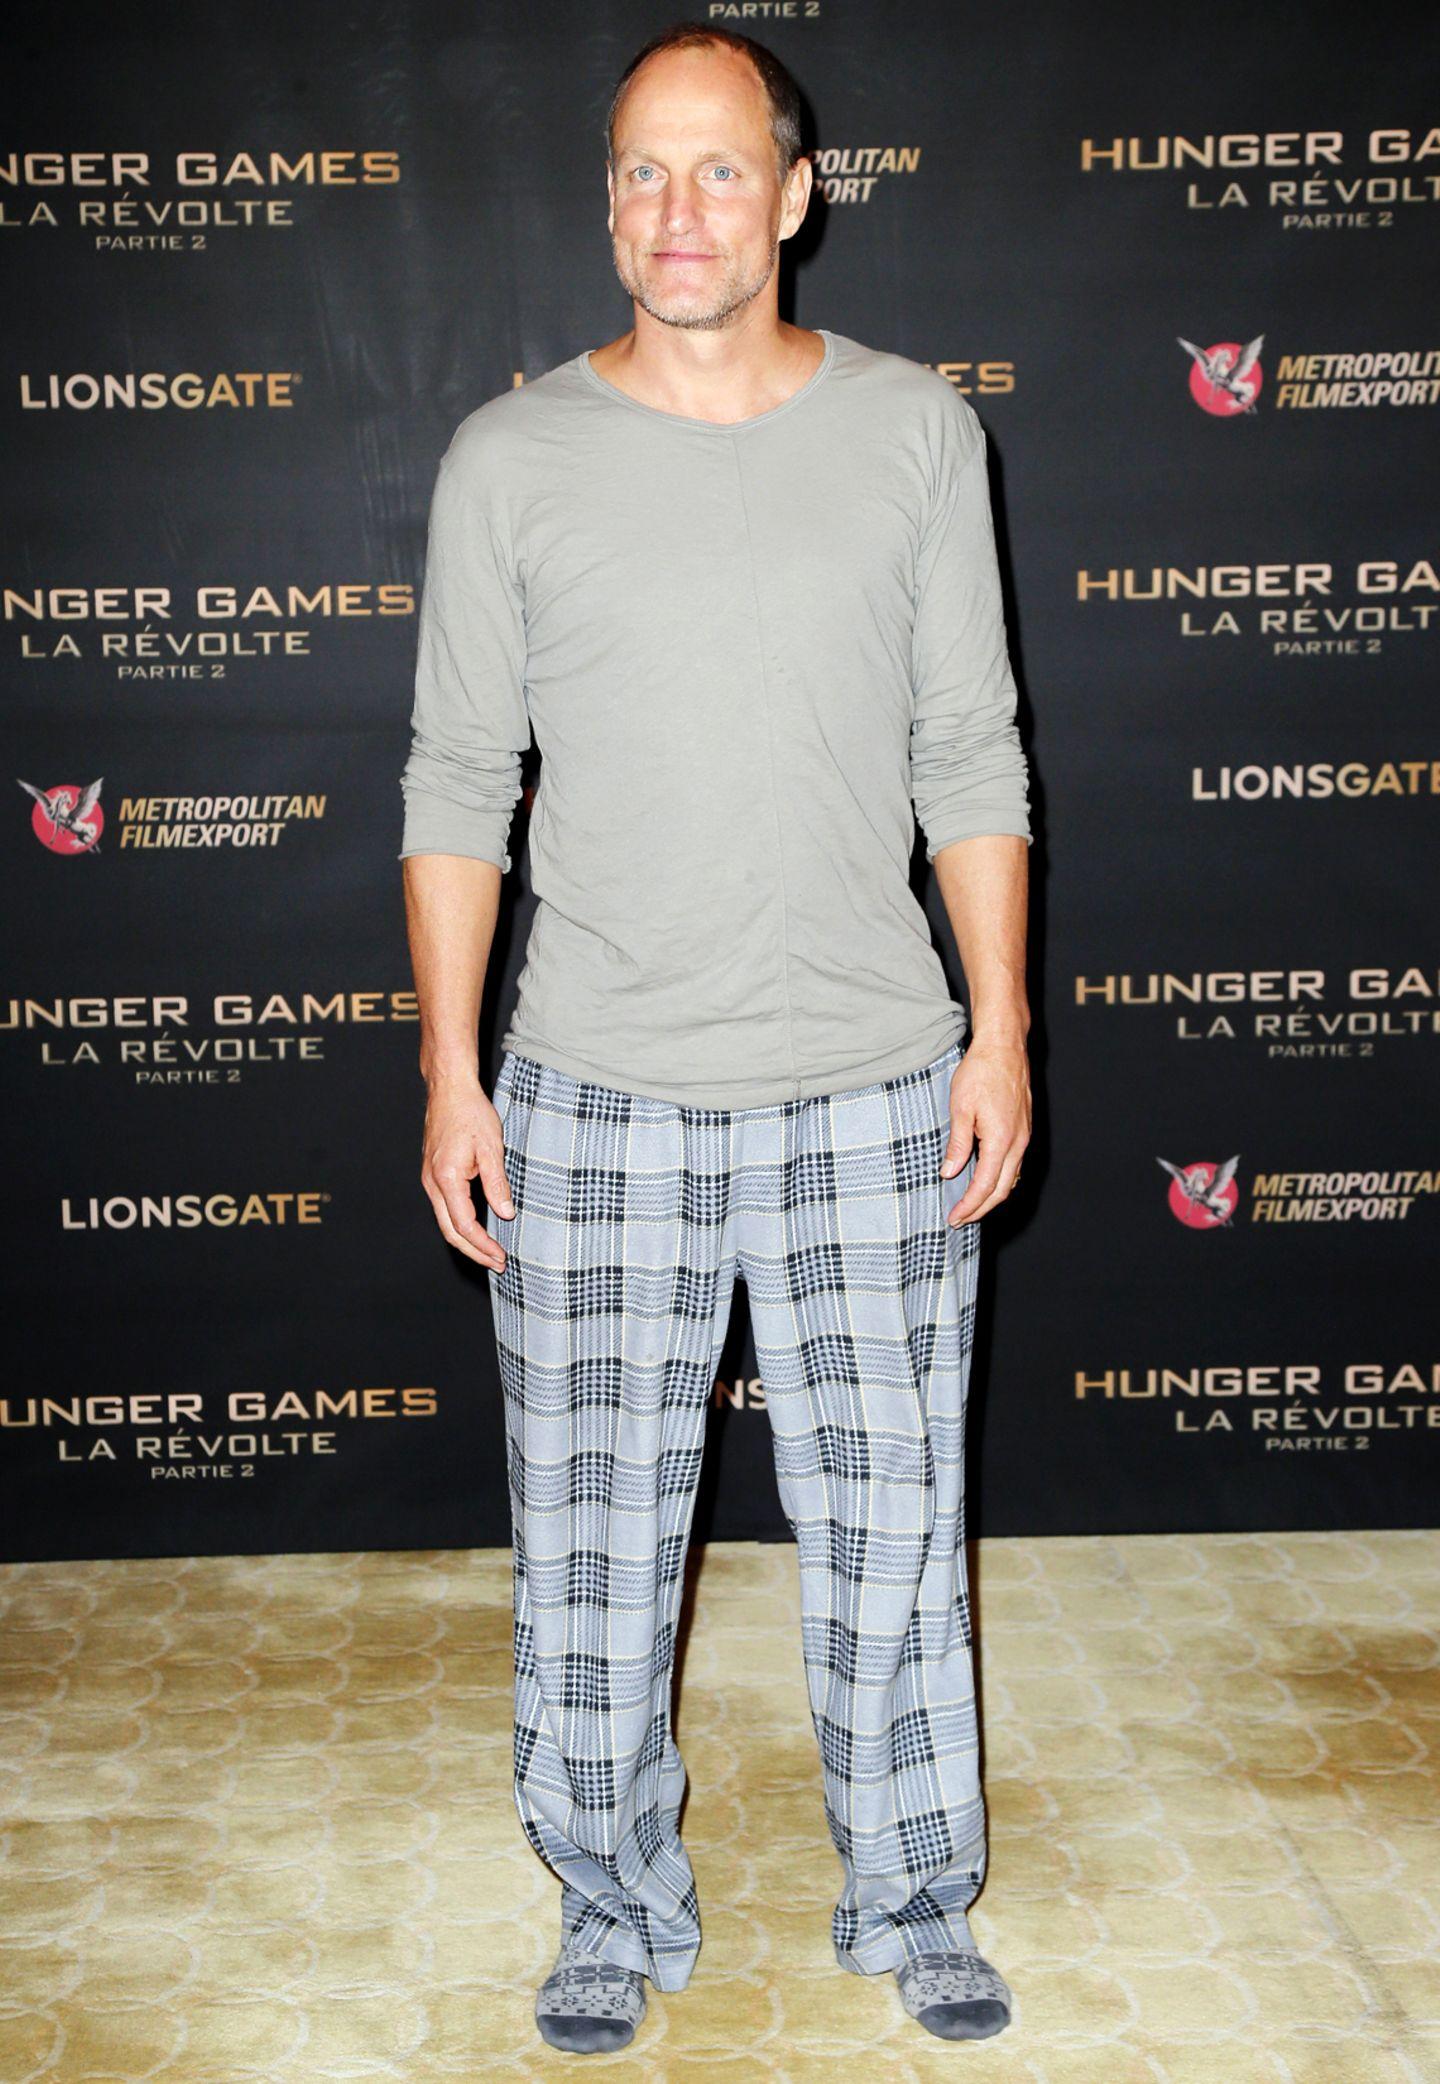 """Soetwas kann sich auch nur Woody Harrelson erlauben: In Pyjama-Hose und nur mit Socken an den Füßen spaziert der Schauspieler zum Photocall für """"Mockingjay - Part 2"""" in Paris."""